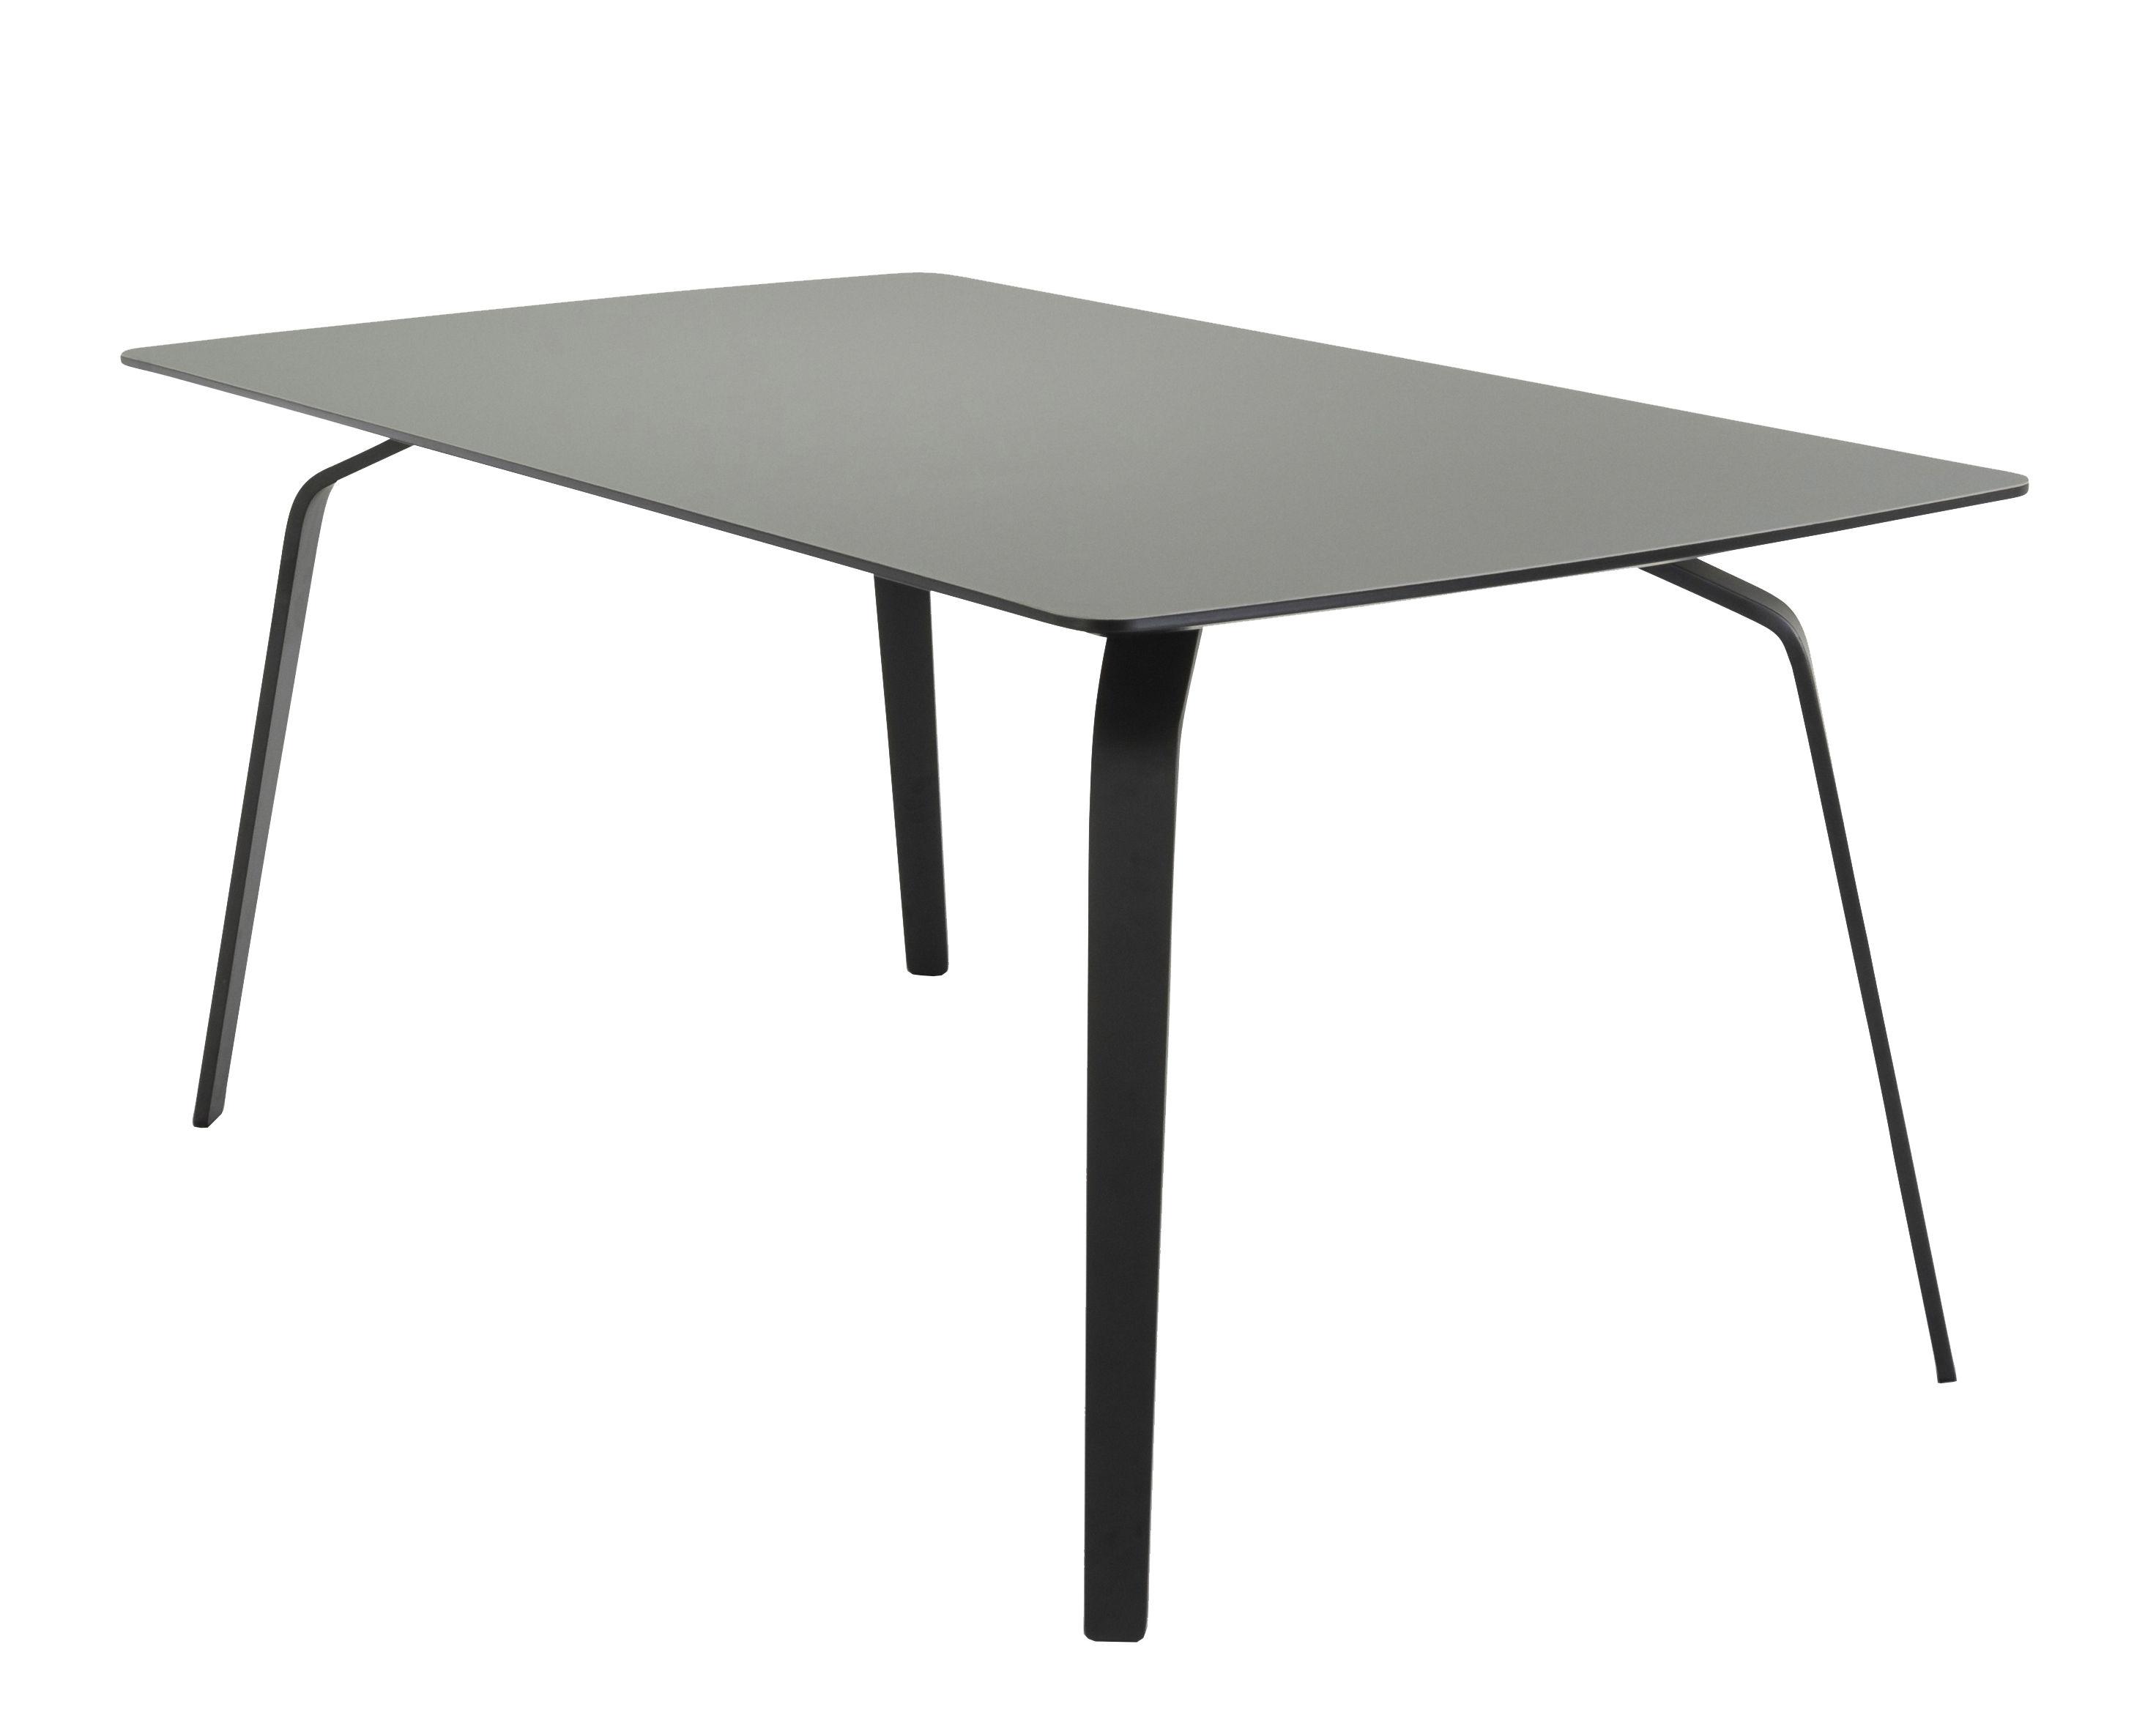 Mobilier - Tables - Table rectangulaire Float / Plateau linoleum - L 208 cm - Houe - Gris cendre / Piètement noir - Linoléum, Métal